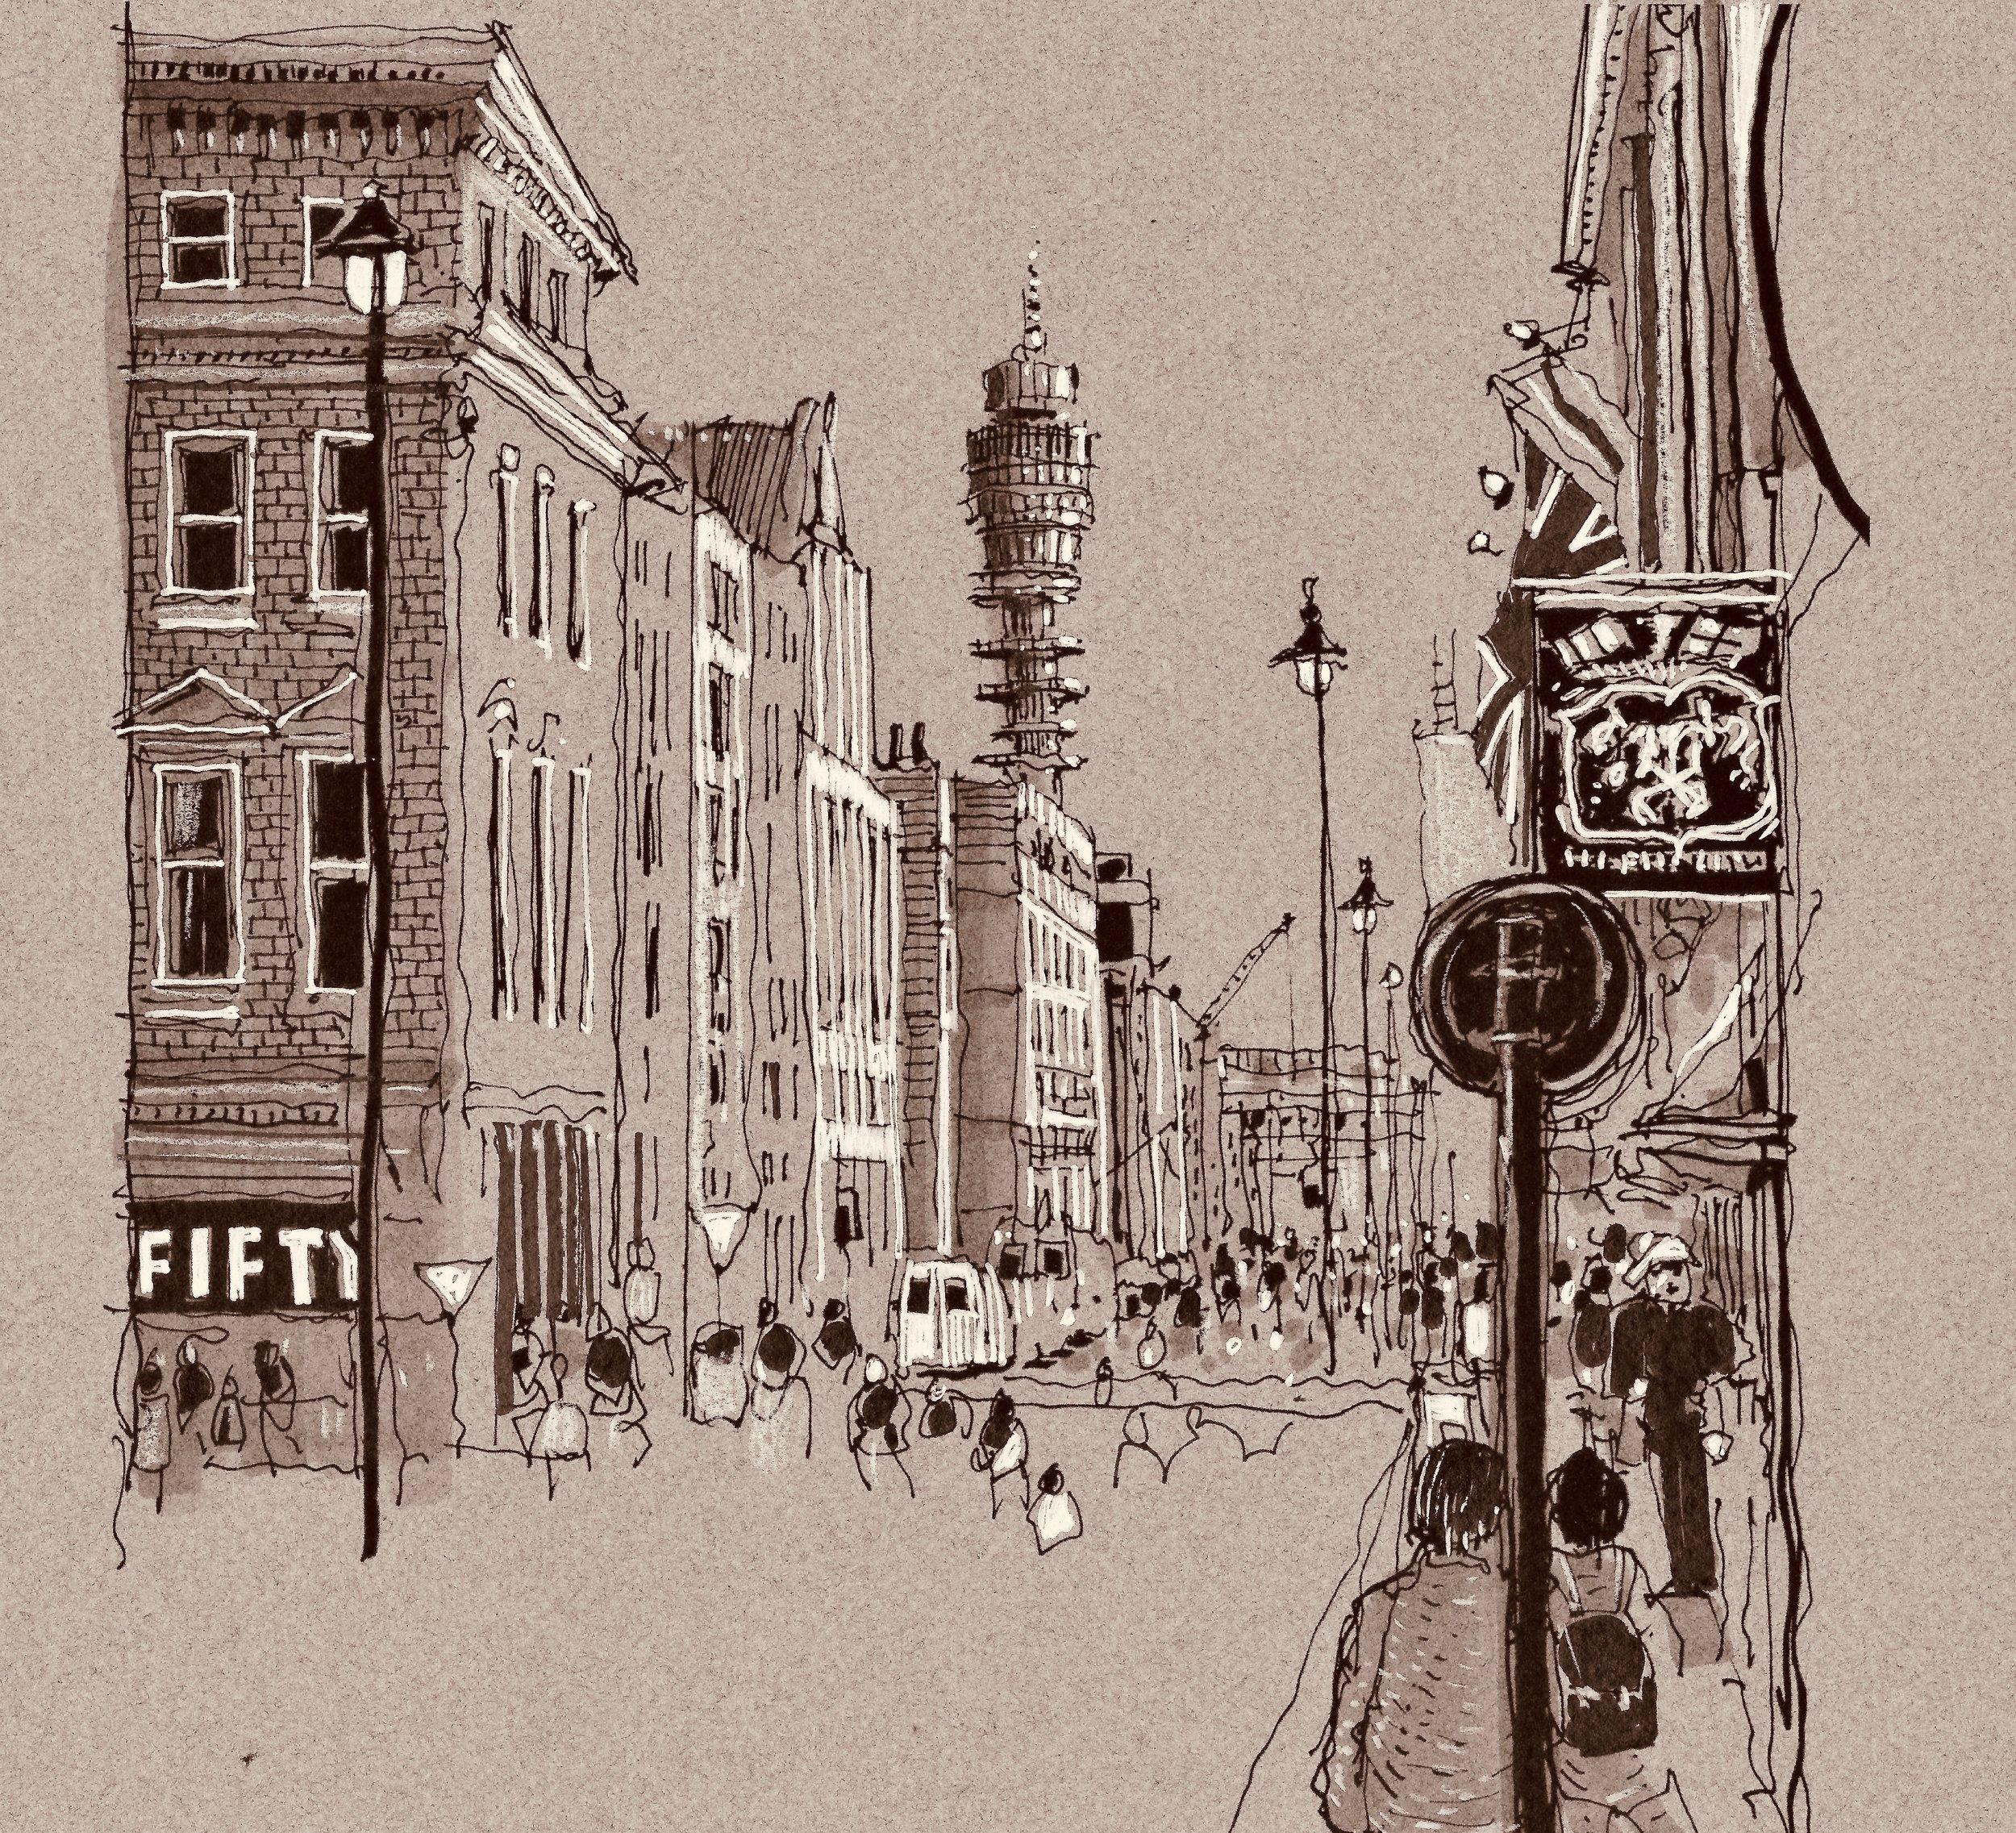 Shoreditch_Sketcher3 - Wall_Art